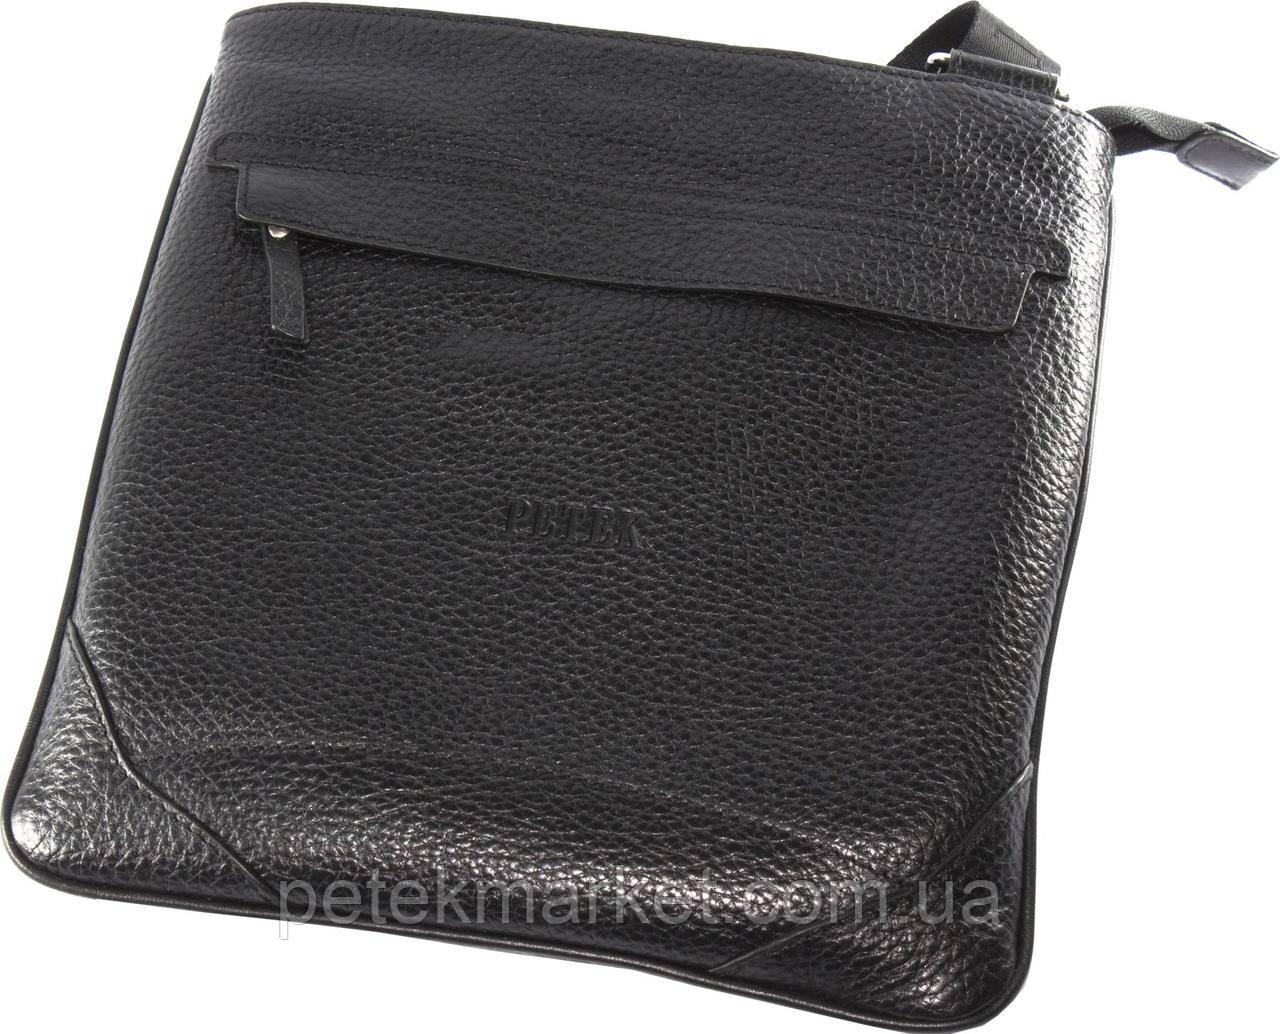 6fa6ee0e60d3 Сумка мужская PETEK 3876/2 Черный (3876/2-46B-01) - купить по лучшей ...